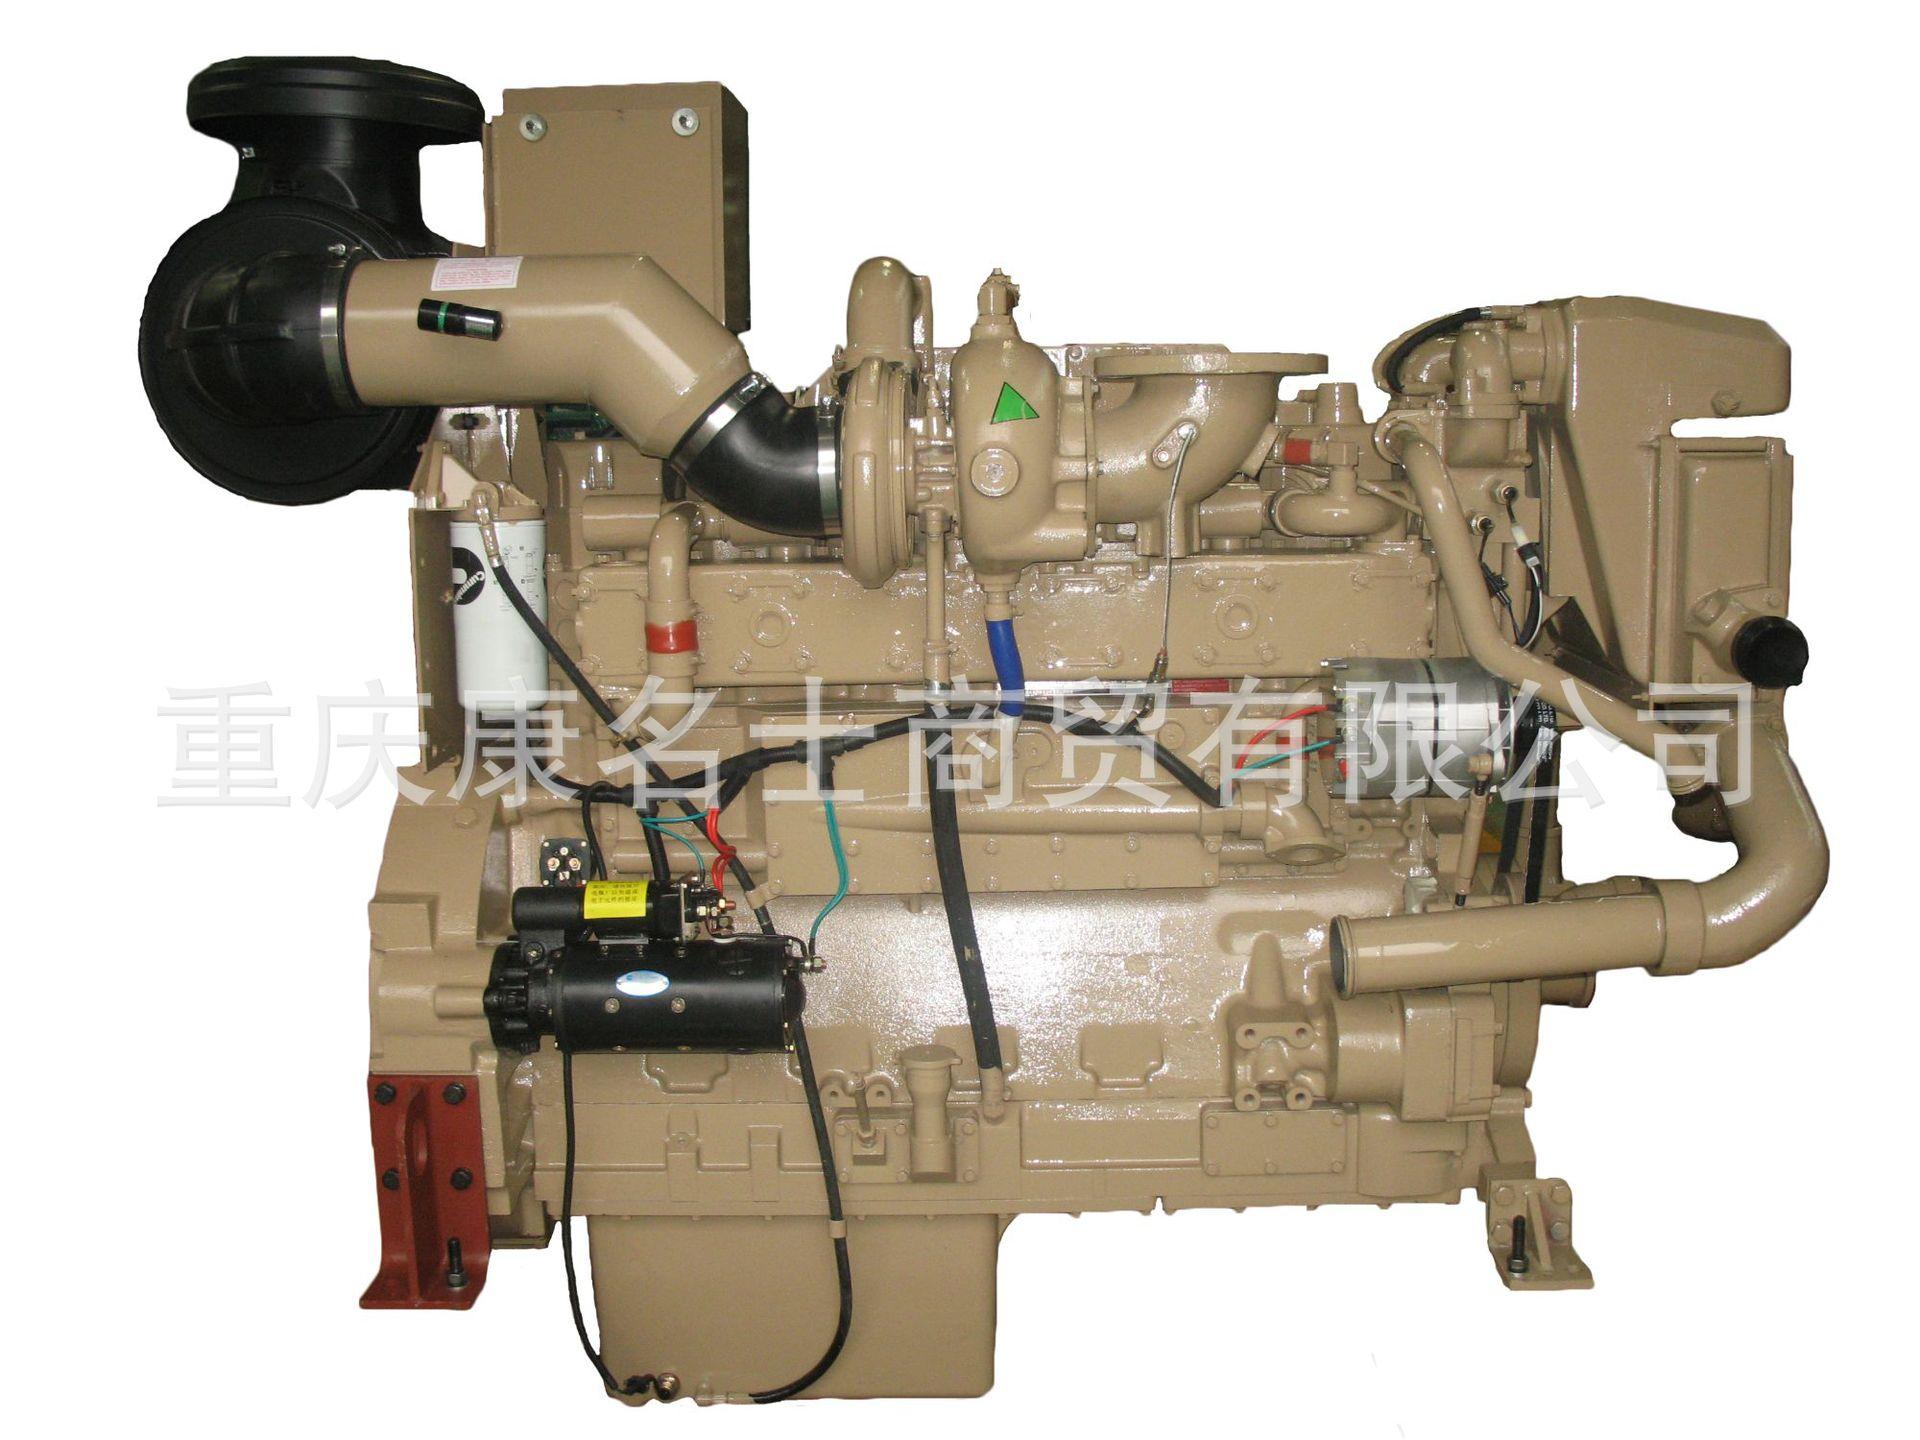 4980390康明斯交流发电机支架ISB4.5E6210B发动机配件厂价优惠